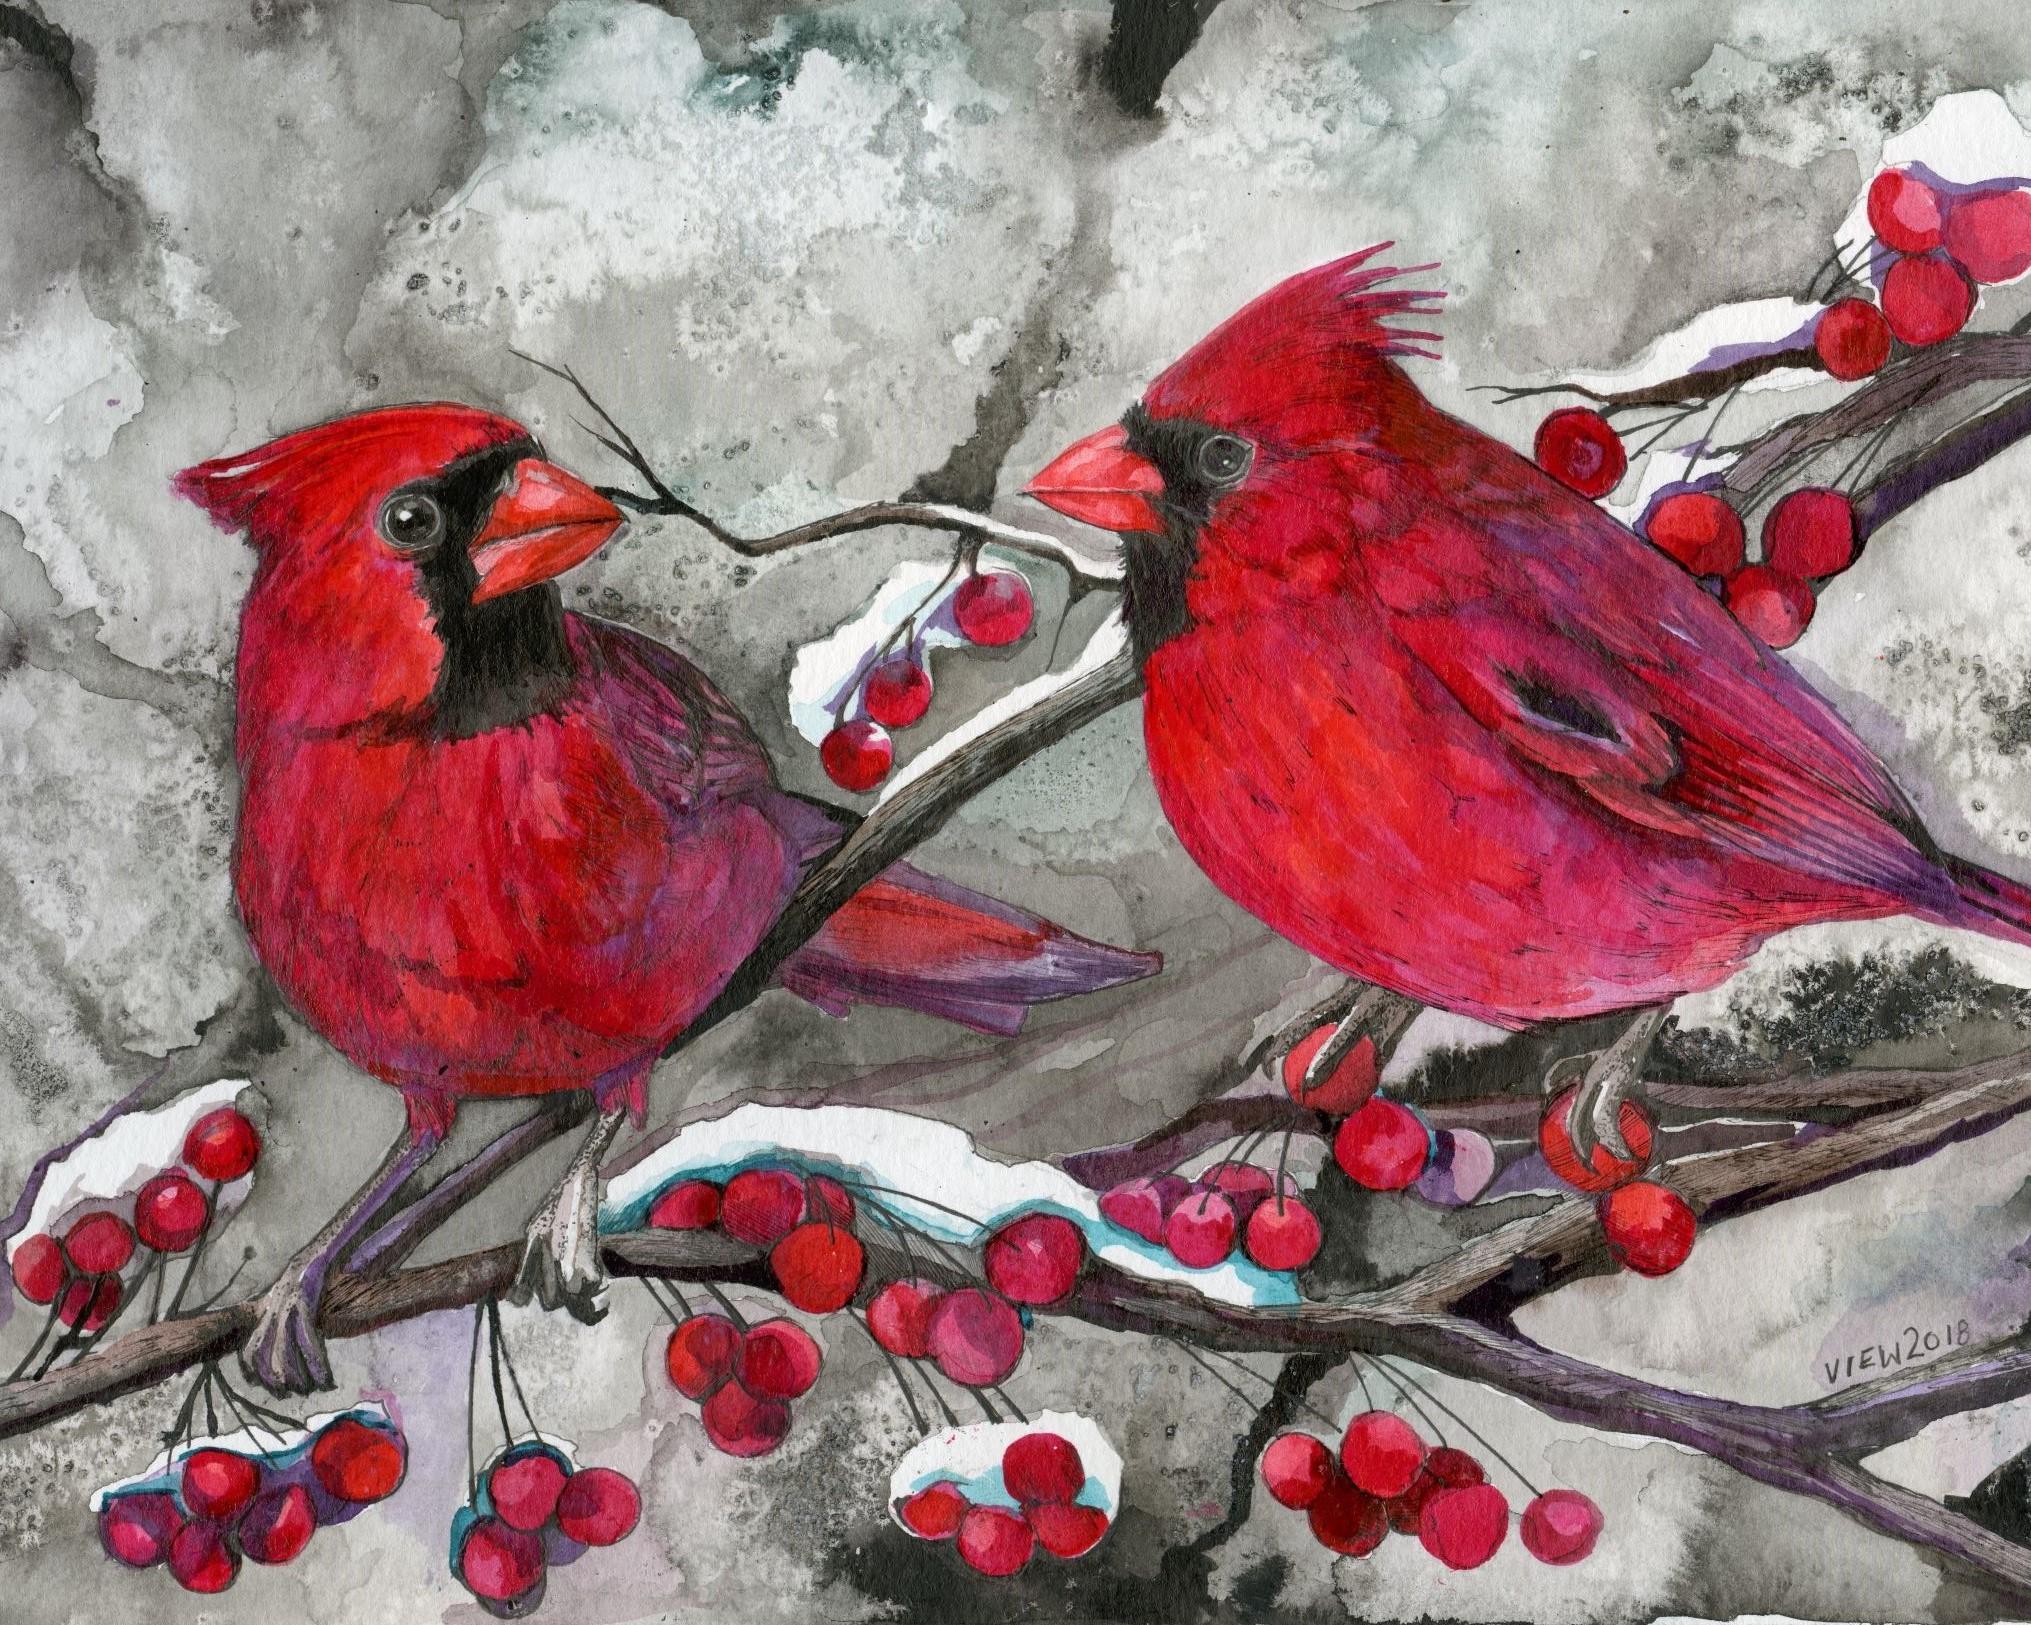 cardinals 8x10.jpg